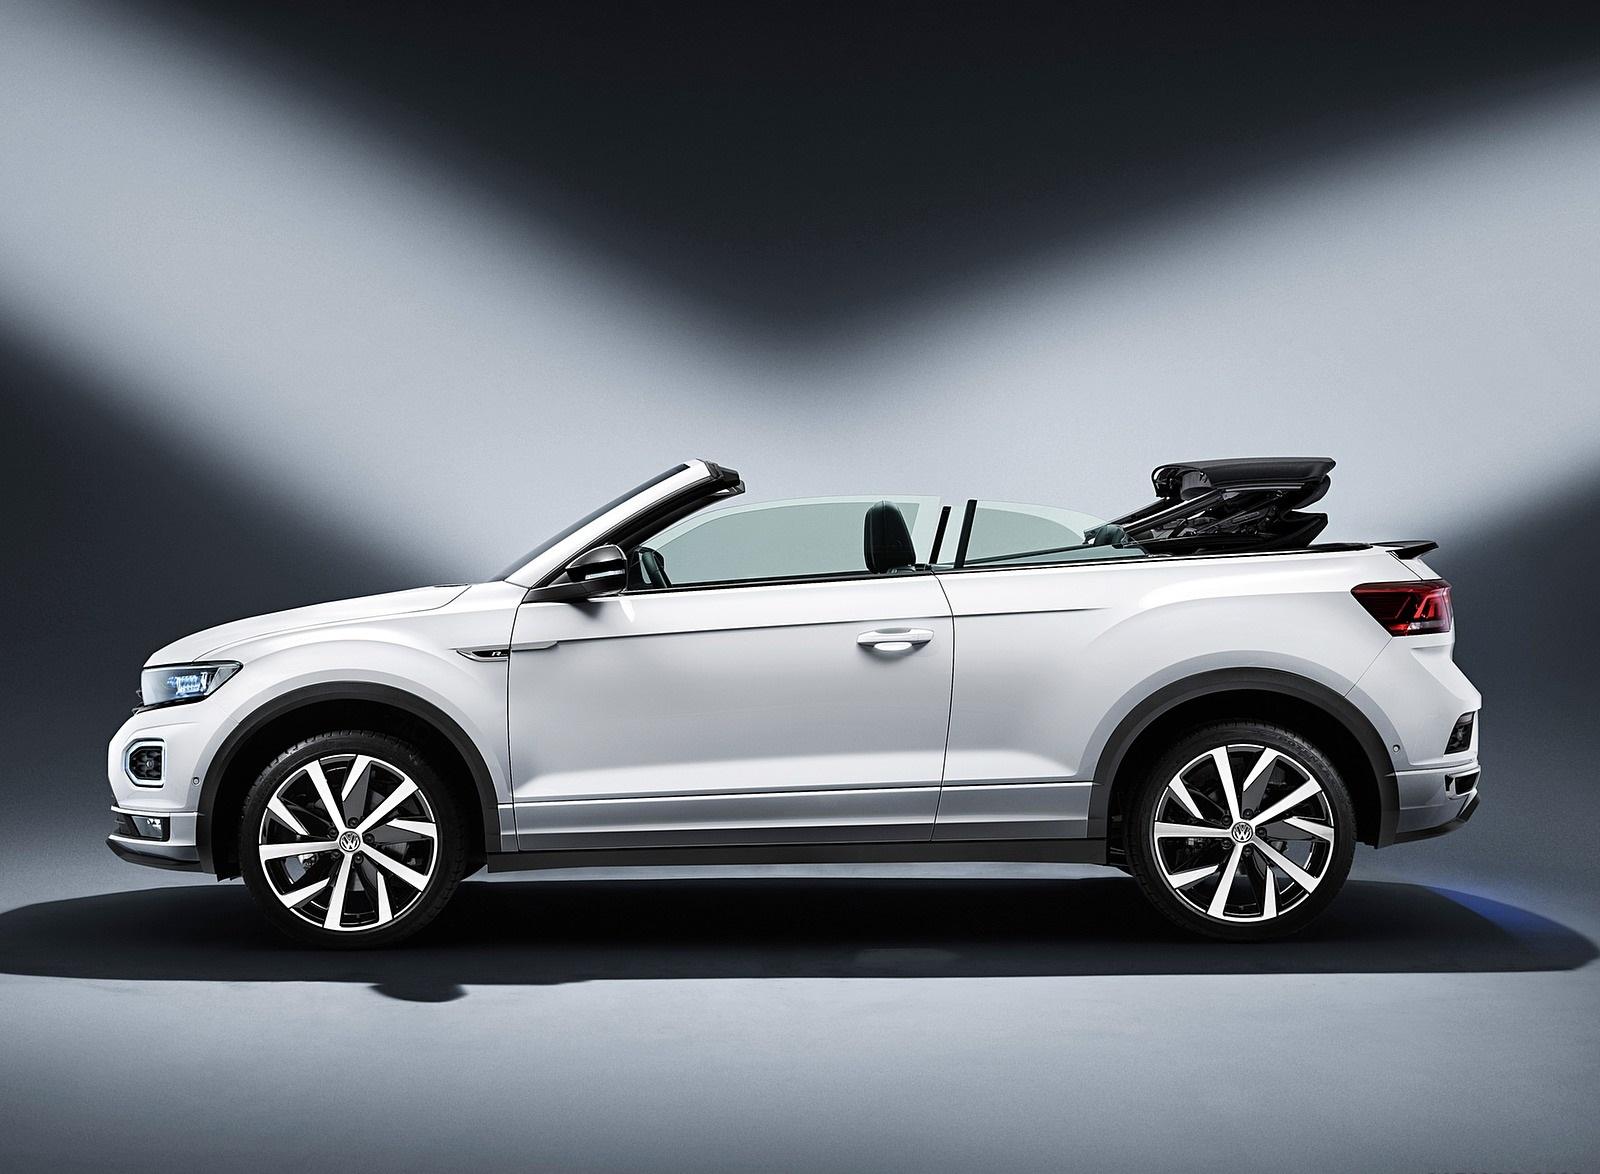 2020 Volkswagen T-Roc Cabriolet Side Wallpapers (15)